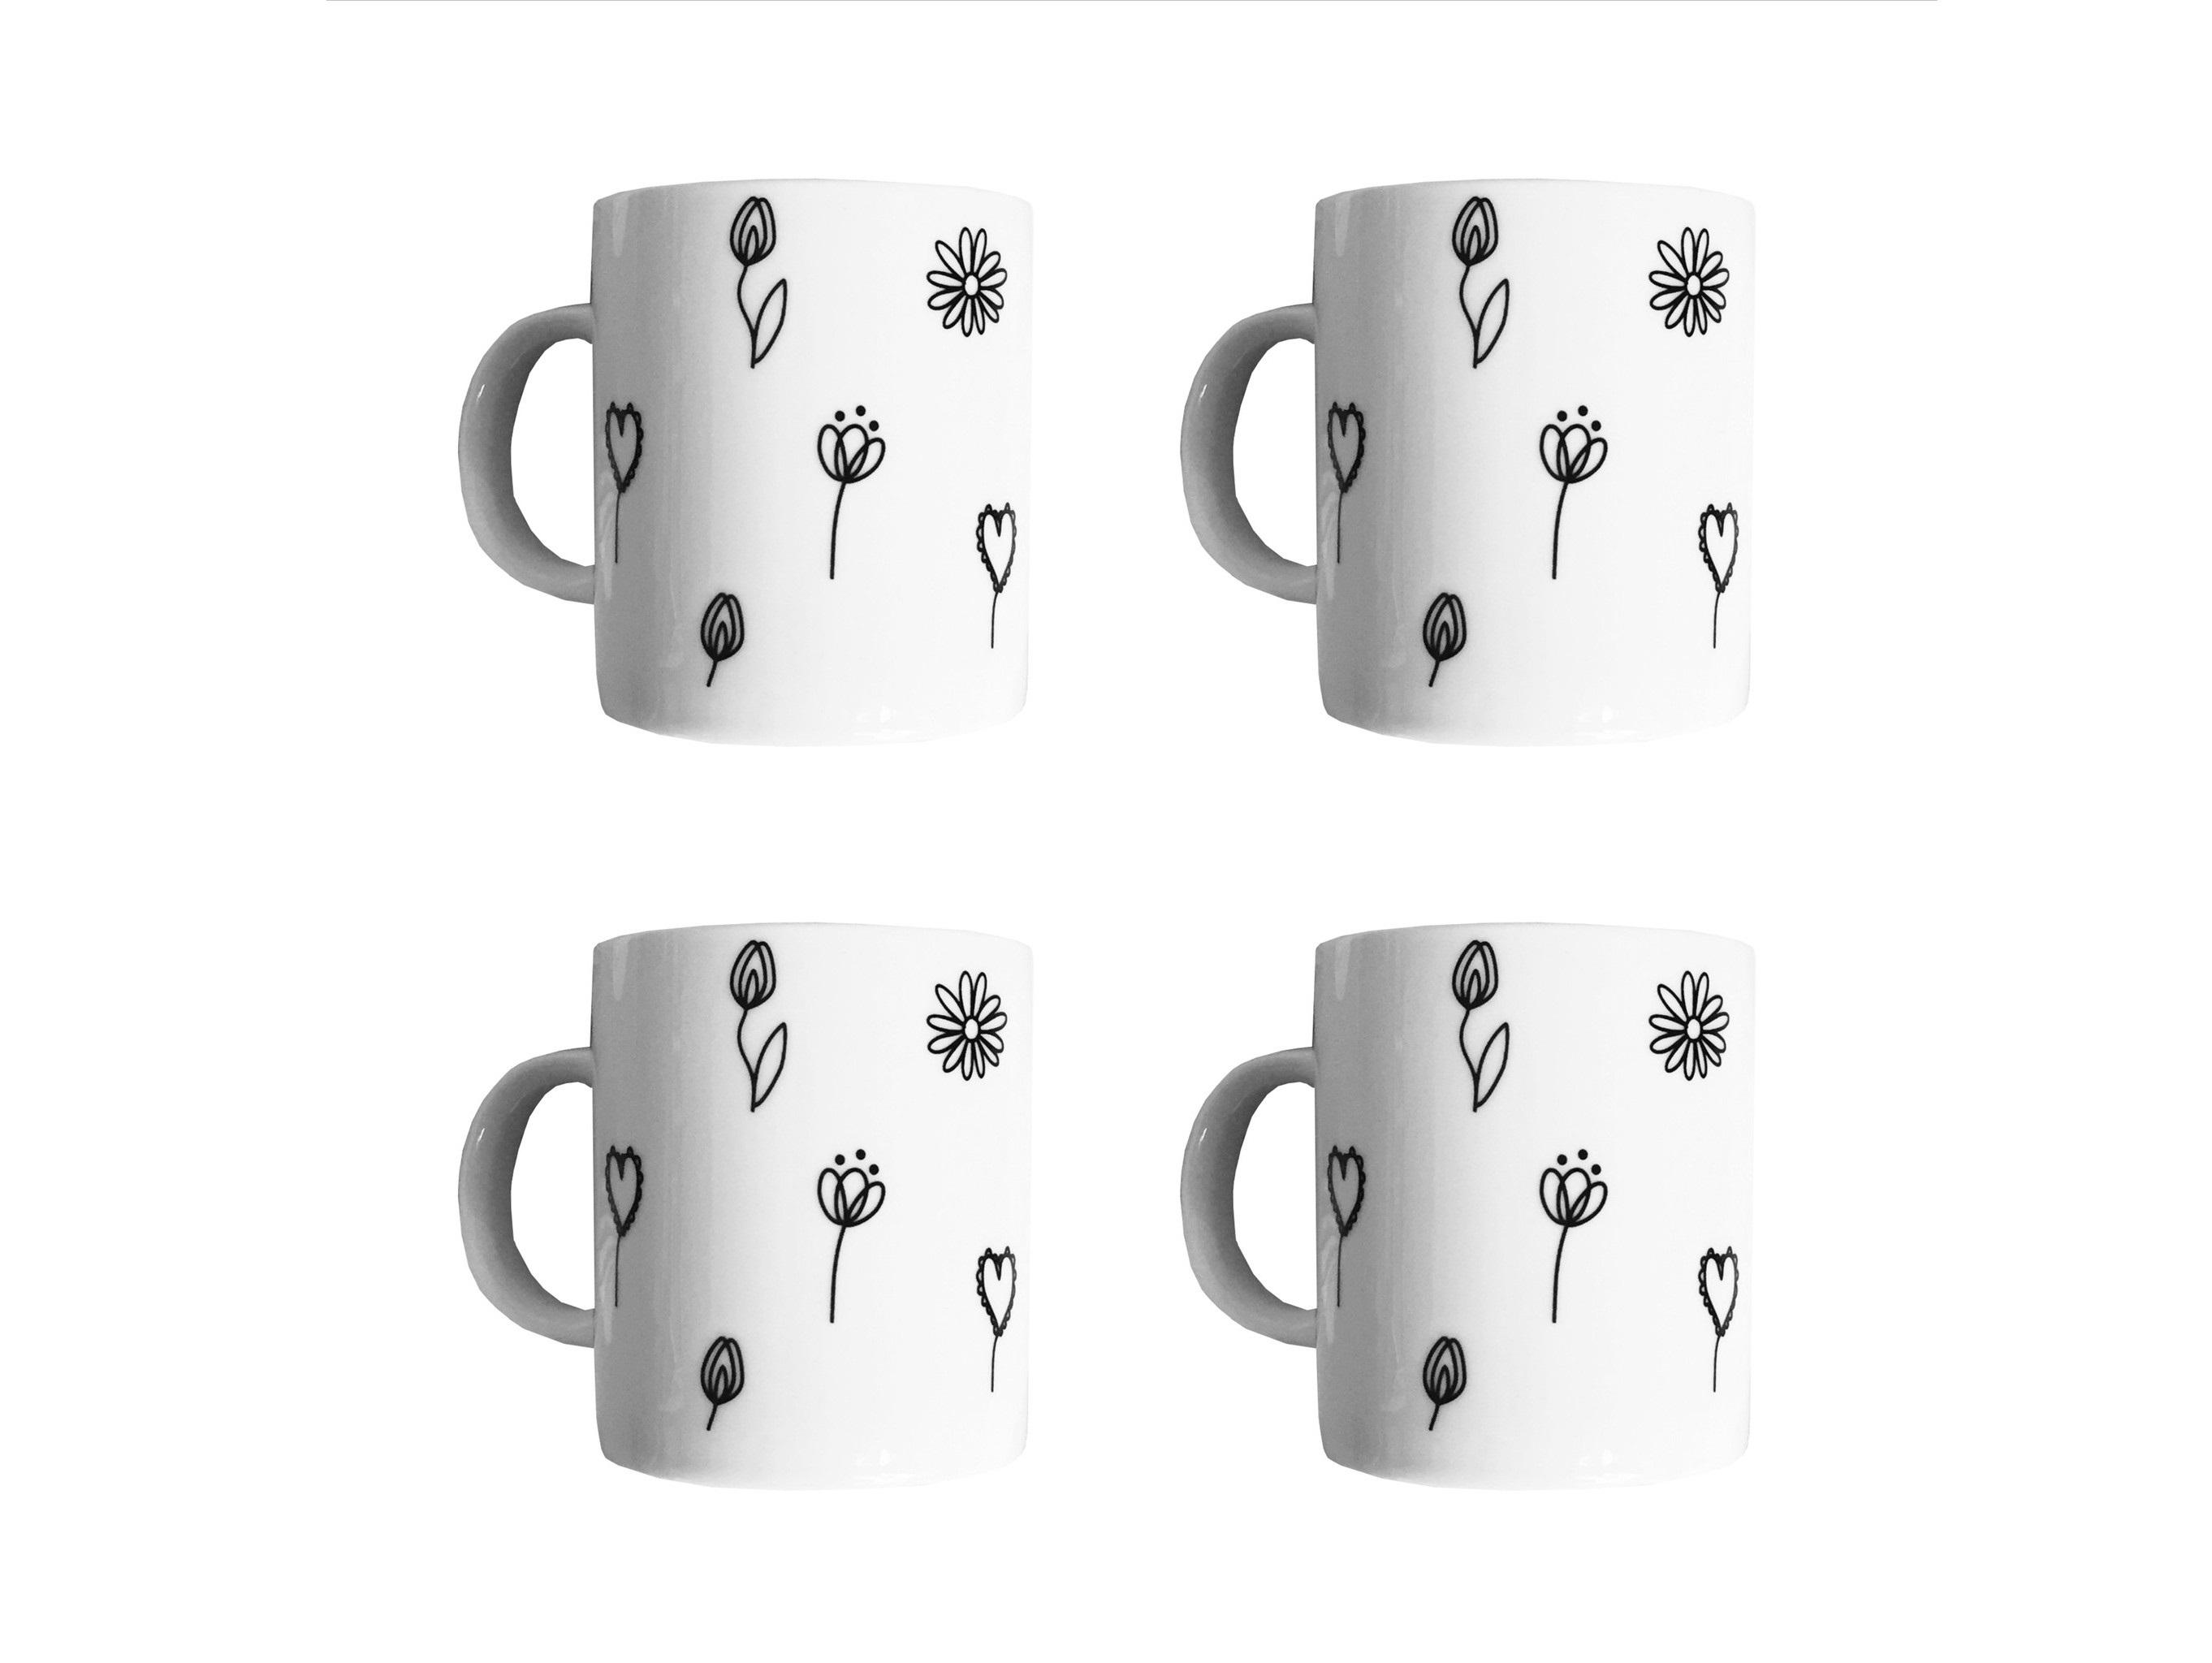 Набор кружек Черный цветок (4 шт)Чайные пары, чашки и кружки<br>Посуду можно использовать в микроволновой печи и посудомоечной машине.&amp;amp;nbsp;&amp;lt;div&amp;gt;&amp;lt;br&amp;gt;&amp;lt;/div&amp;gt;&amp;lt;div&amp;gt;В комплект входят: Кружка 300 мл - 4 шт.&amp;lt;/div&amp;gt;<br><br>Material: Фарфор<br>Высота см: 9